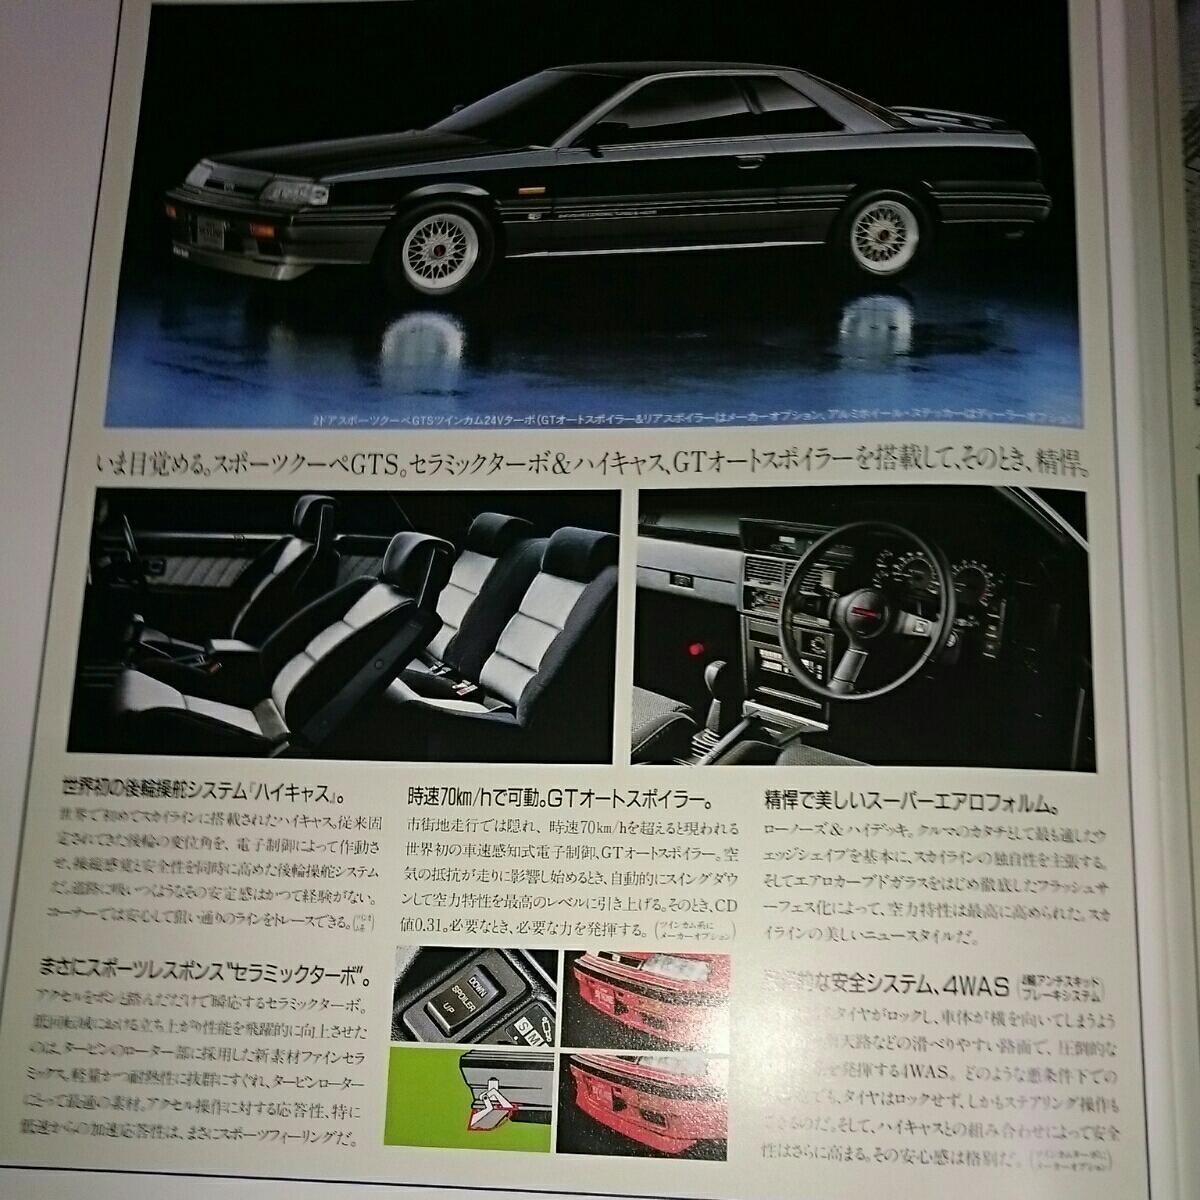 希少、R31、日産スカイライン、35ページ、本カタログ、ハイキャス、RB20DET、GTツインカム24Vセラミックターボ他。_画像6